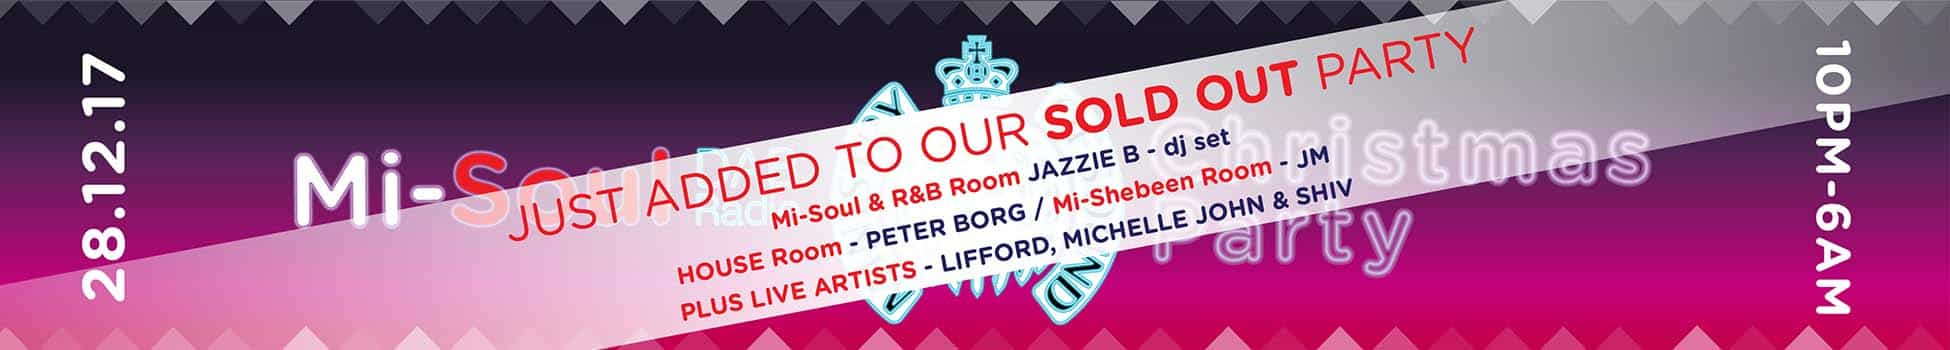 mi-soul ministry of sound